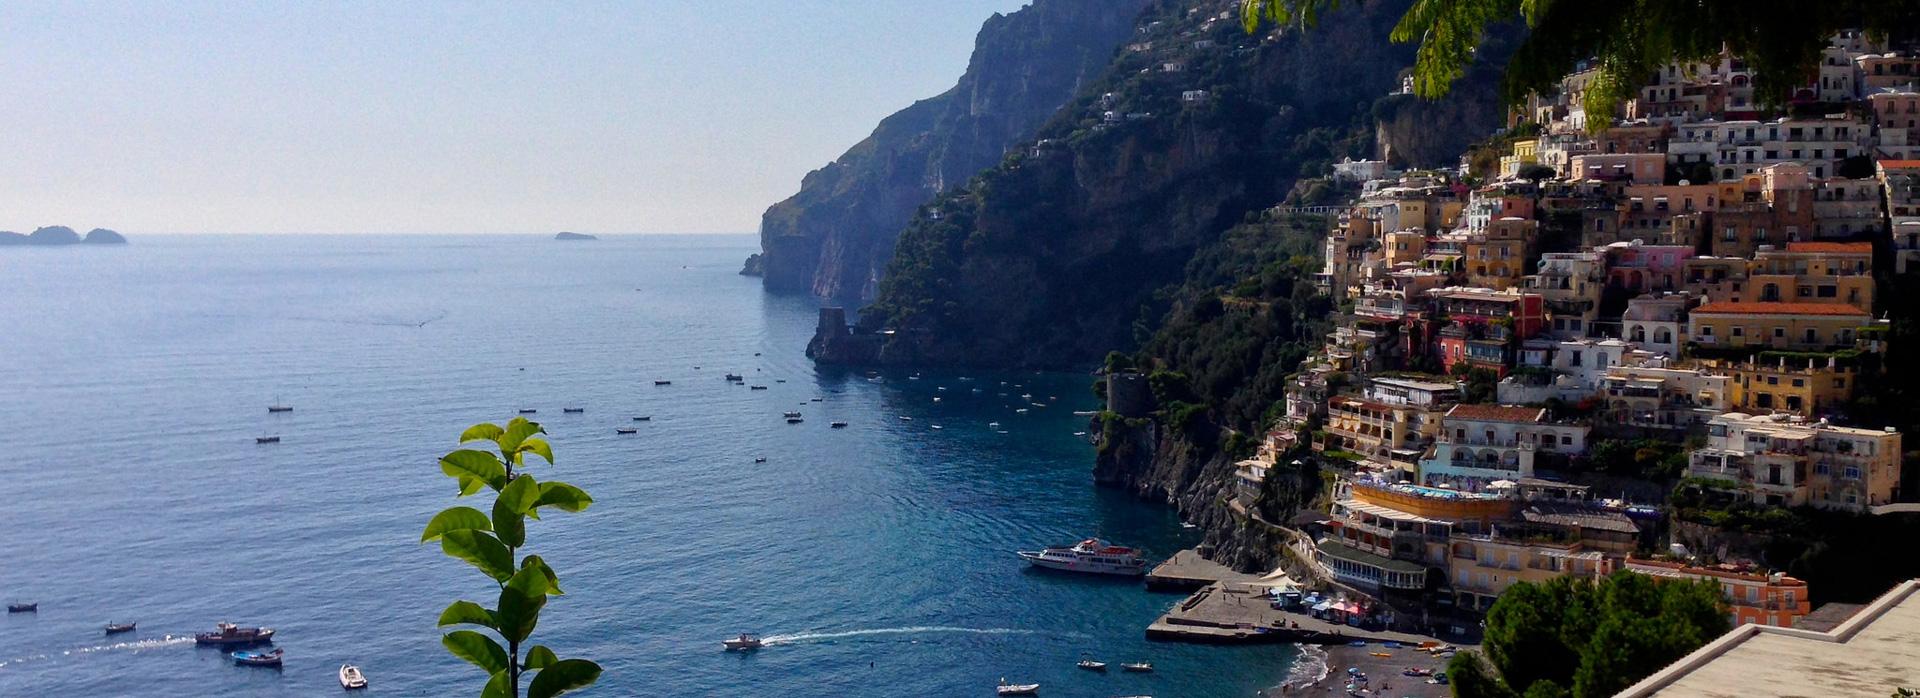 Vakantie met boot: Positano